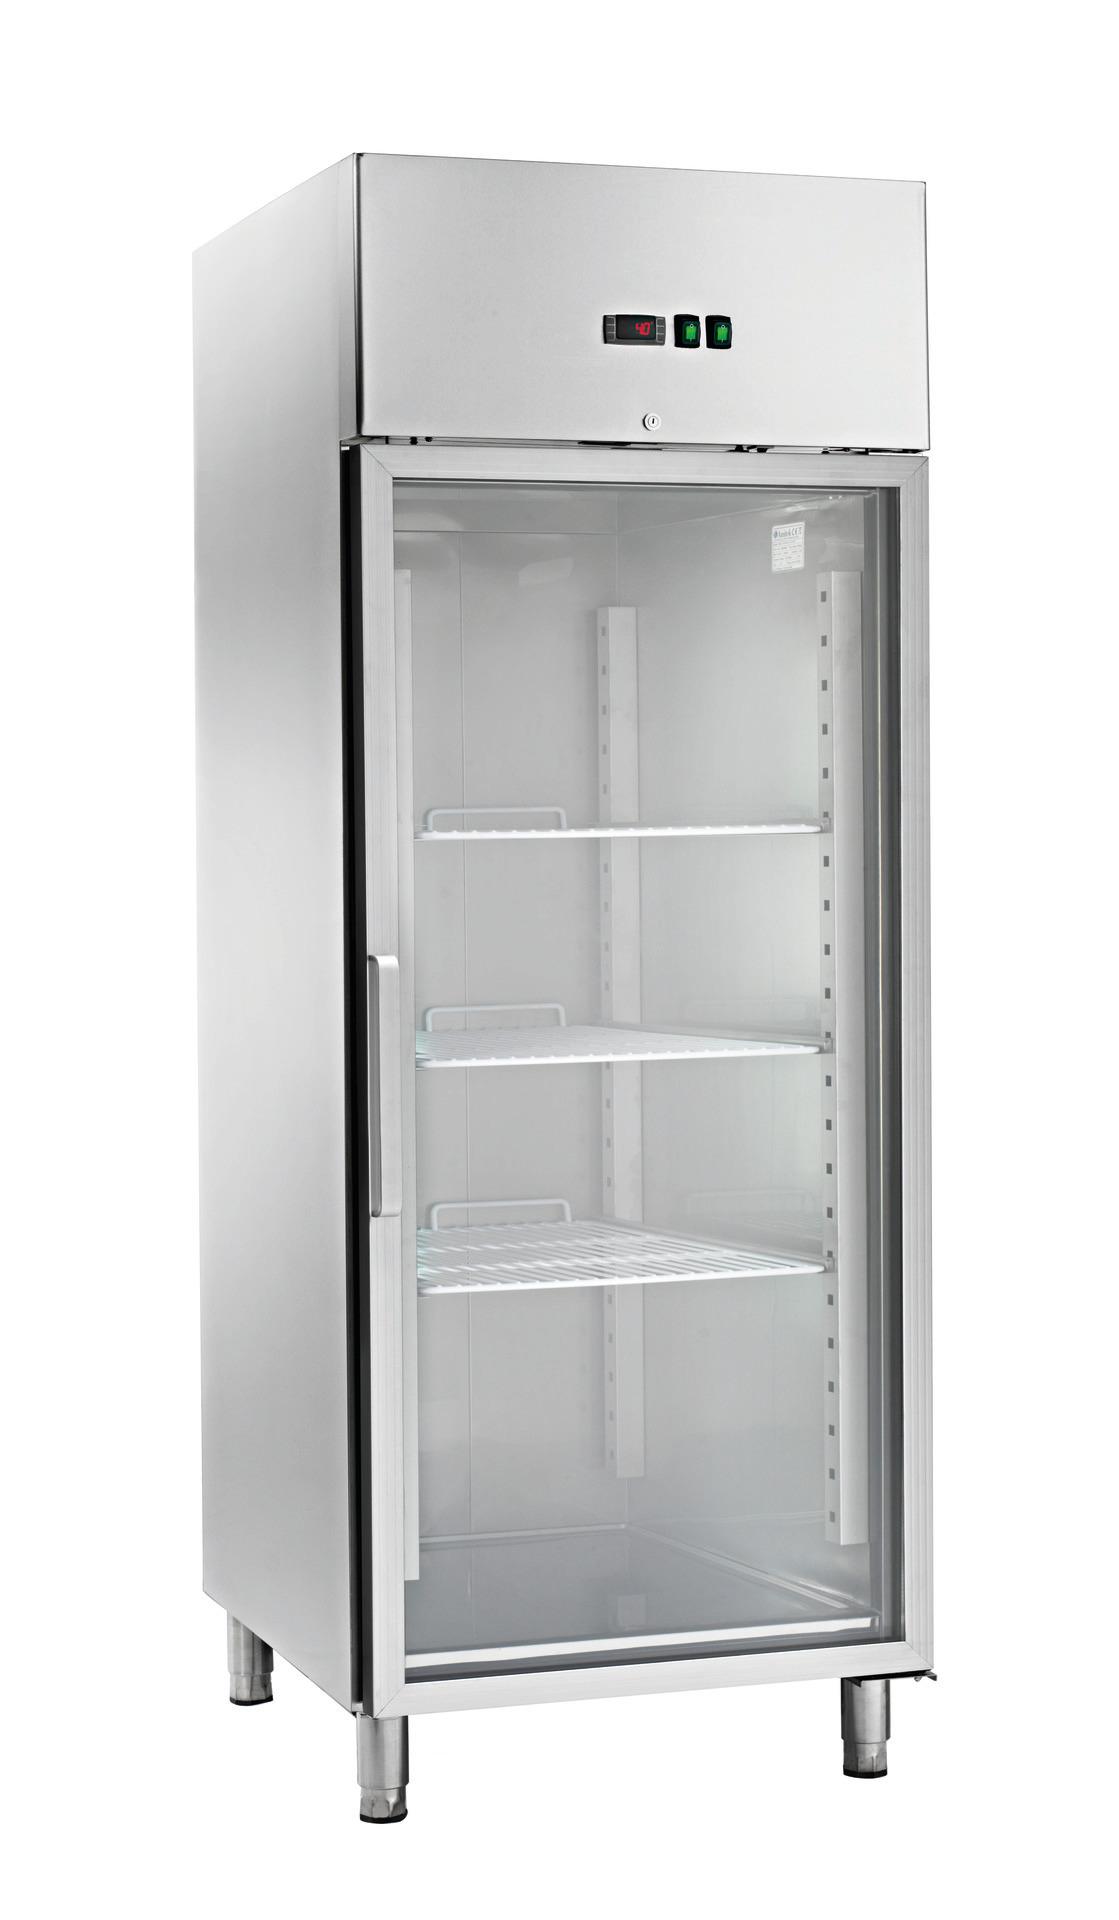 Umluft-Kühlschrank Glastür 700 l GN 2/1 740 x 830 x 2010 mm